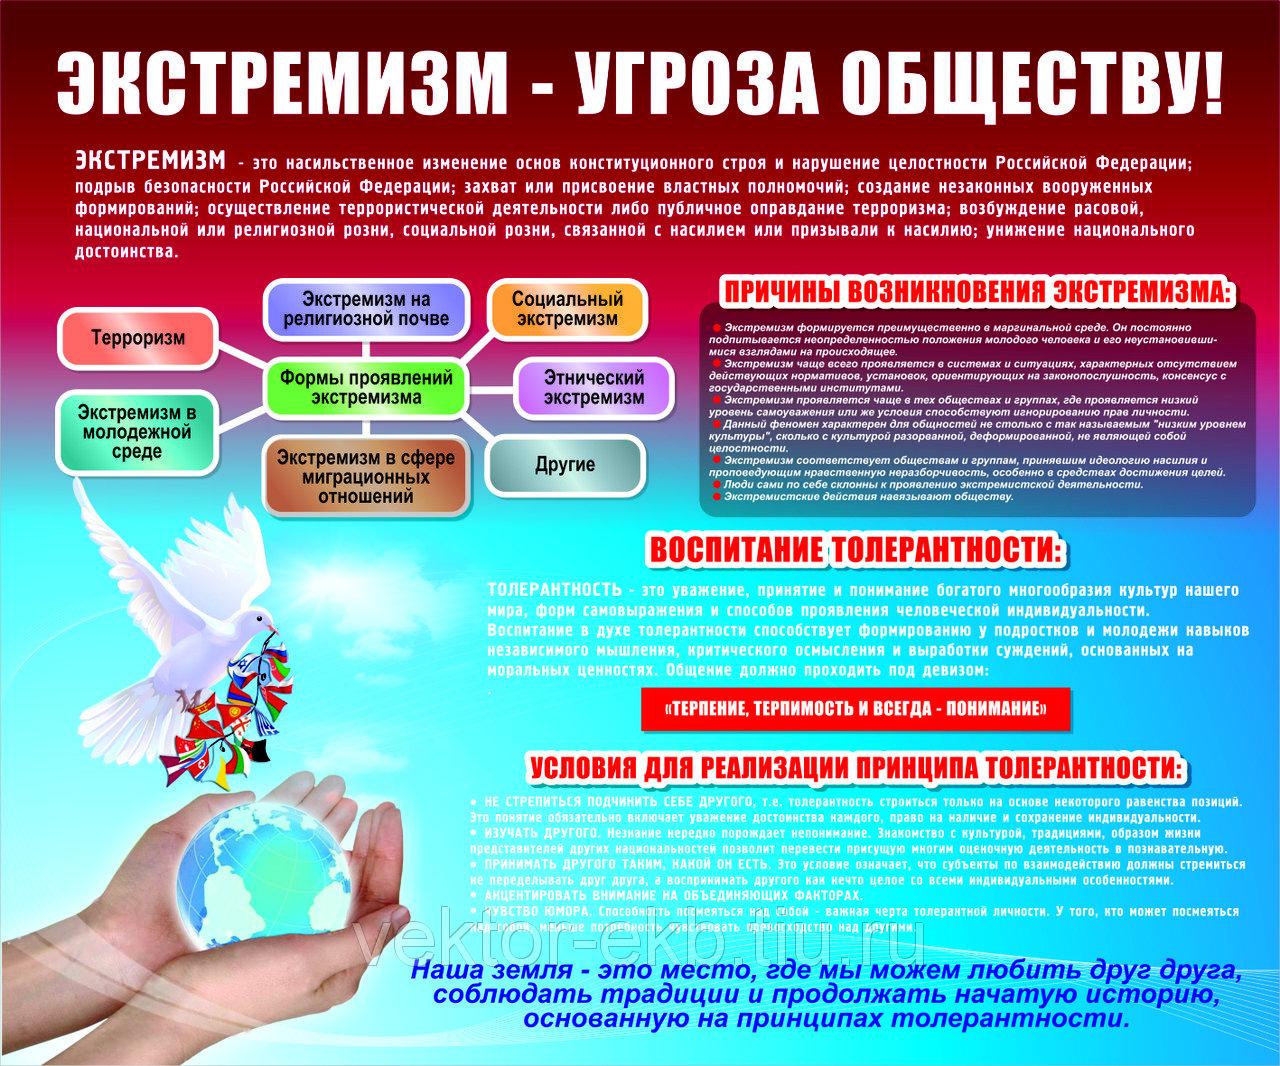 Угрозы: понятие и виды в современном законодательстве, меры ответственности и порядок действий для защиты